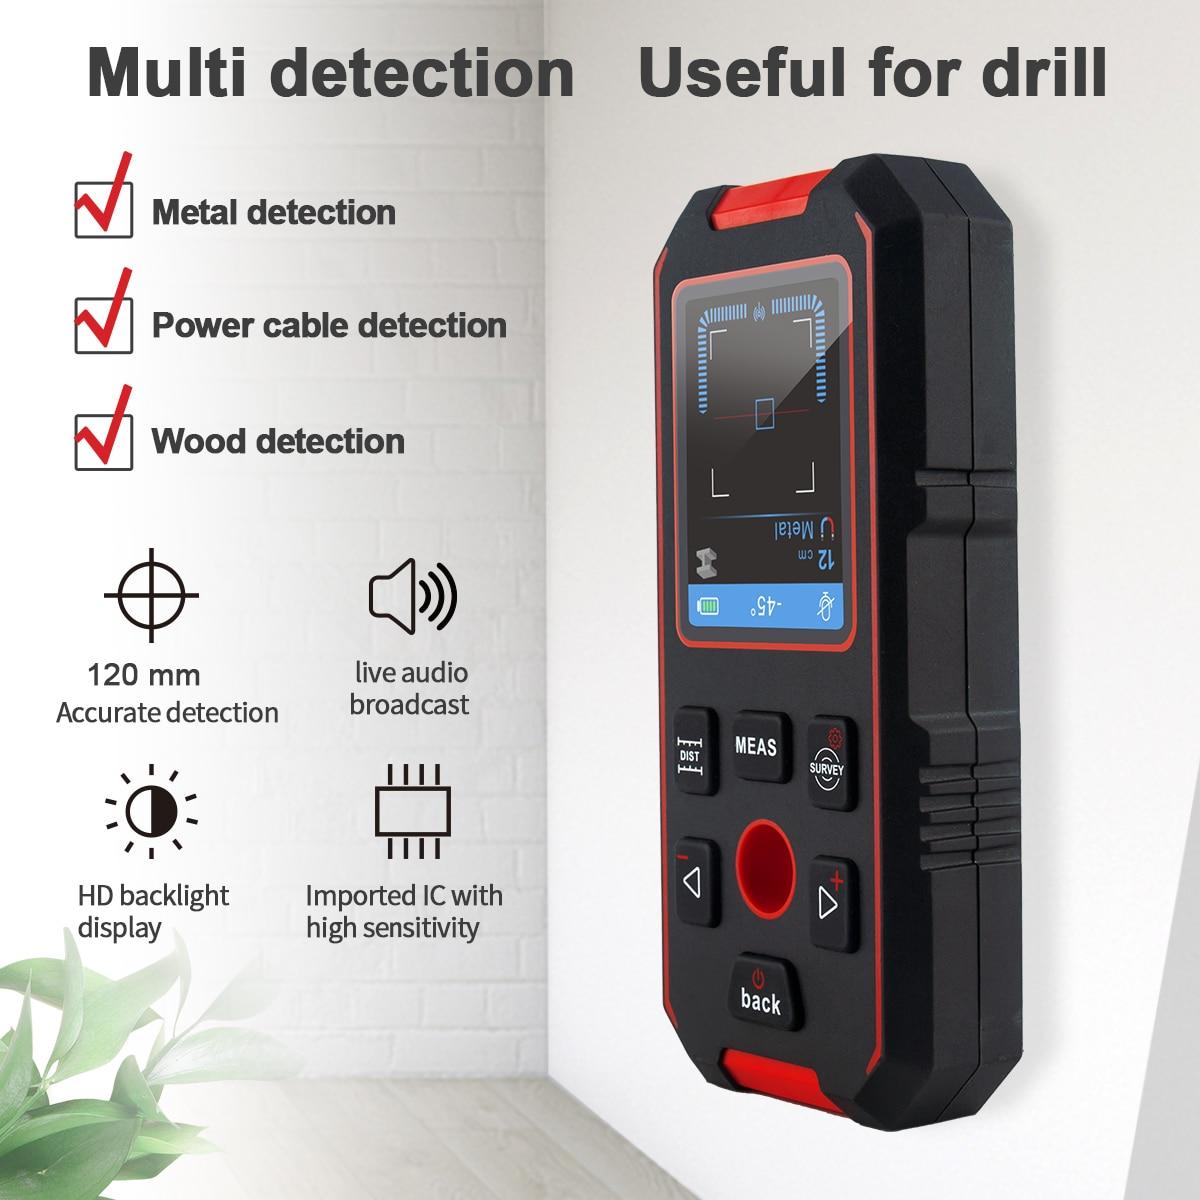 الليزر الذكية Rangefinder متعددة الوظائف مقياس مسافات الجدار الإلكترونية عمق كاشف الجدار الماسح الضوئي للكشف عن المعادن الخشب المعادن